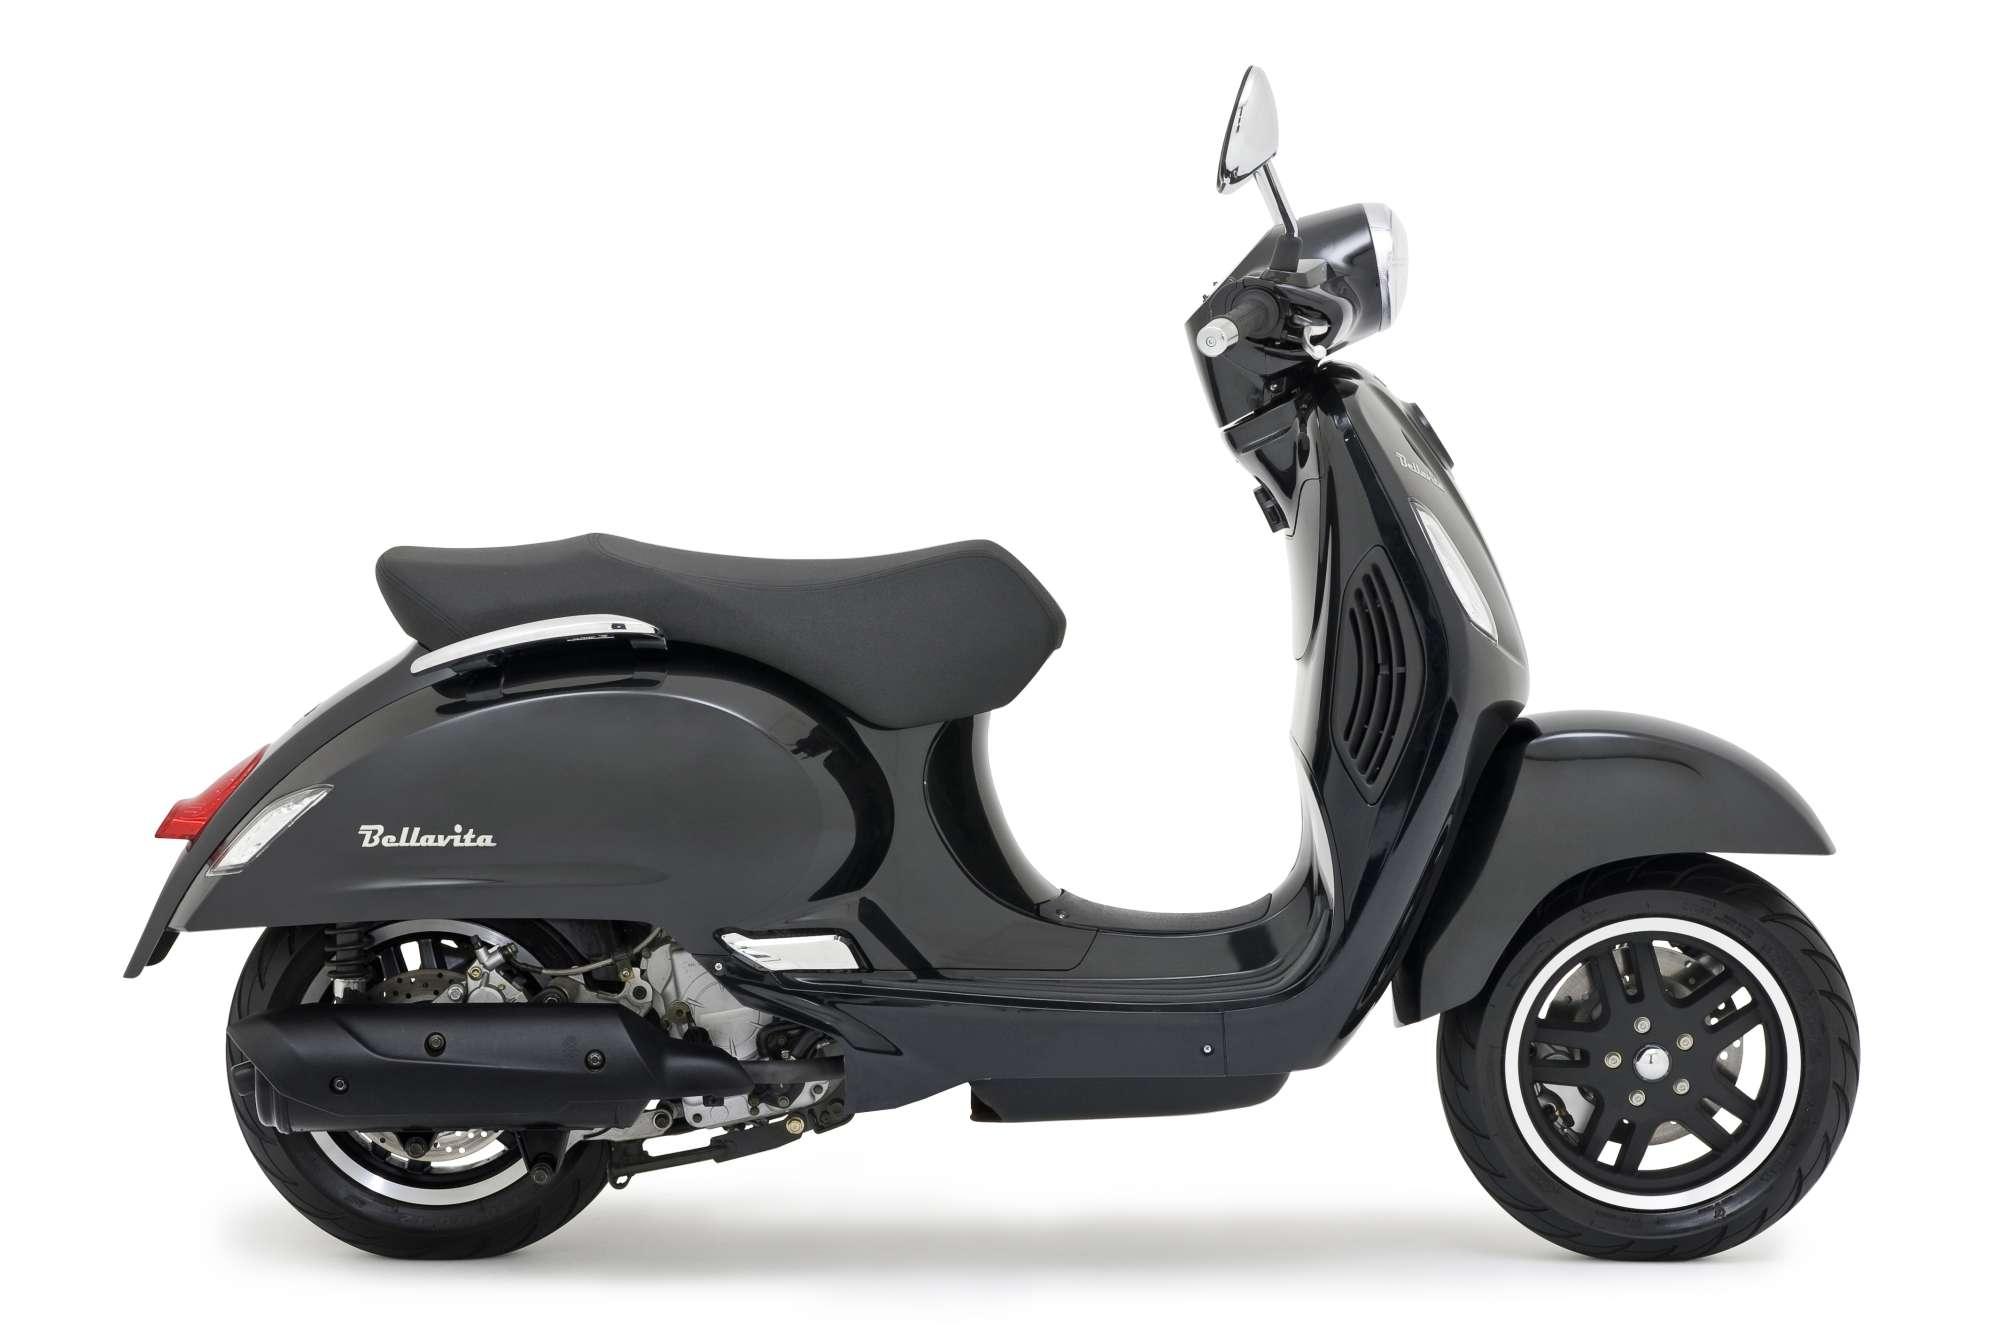 gebrauchte und neue tgb bellavita 125 motorr der kaufen